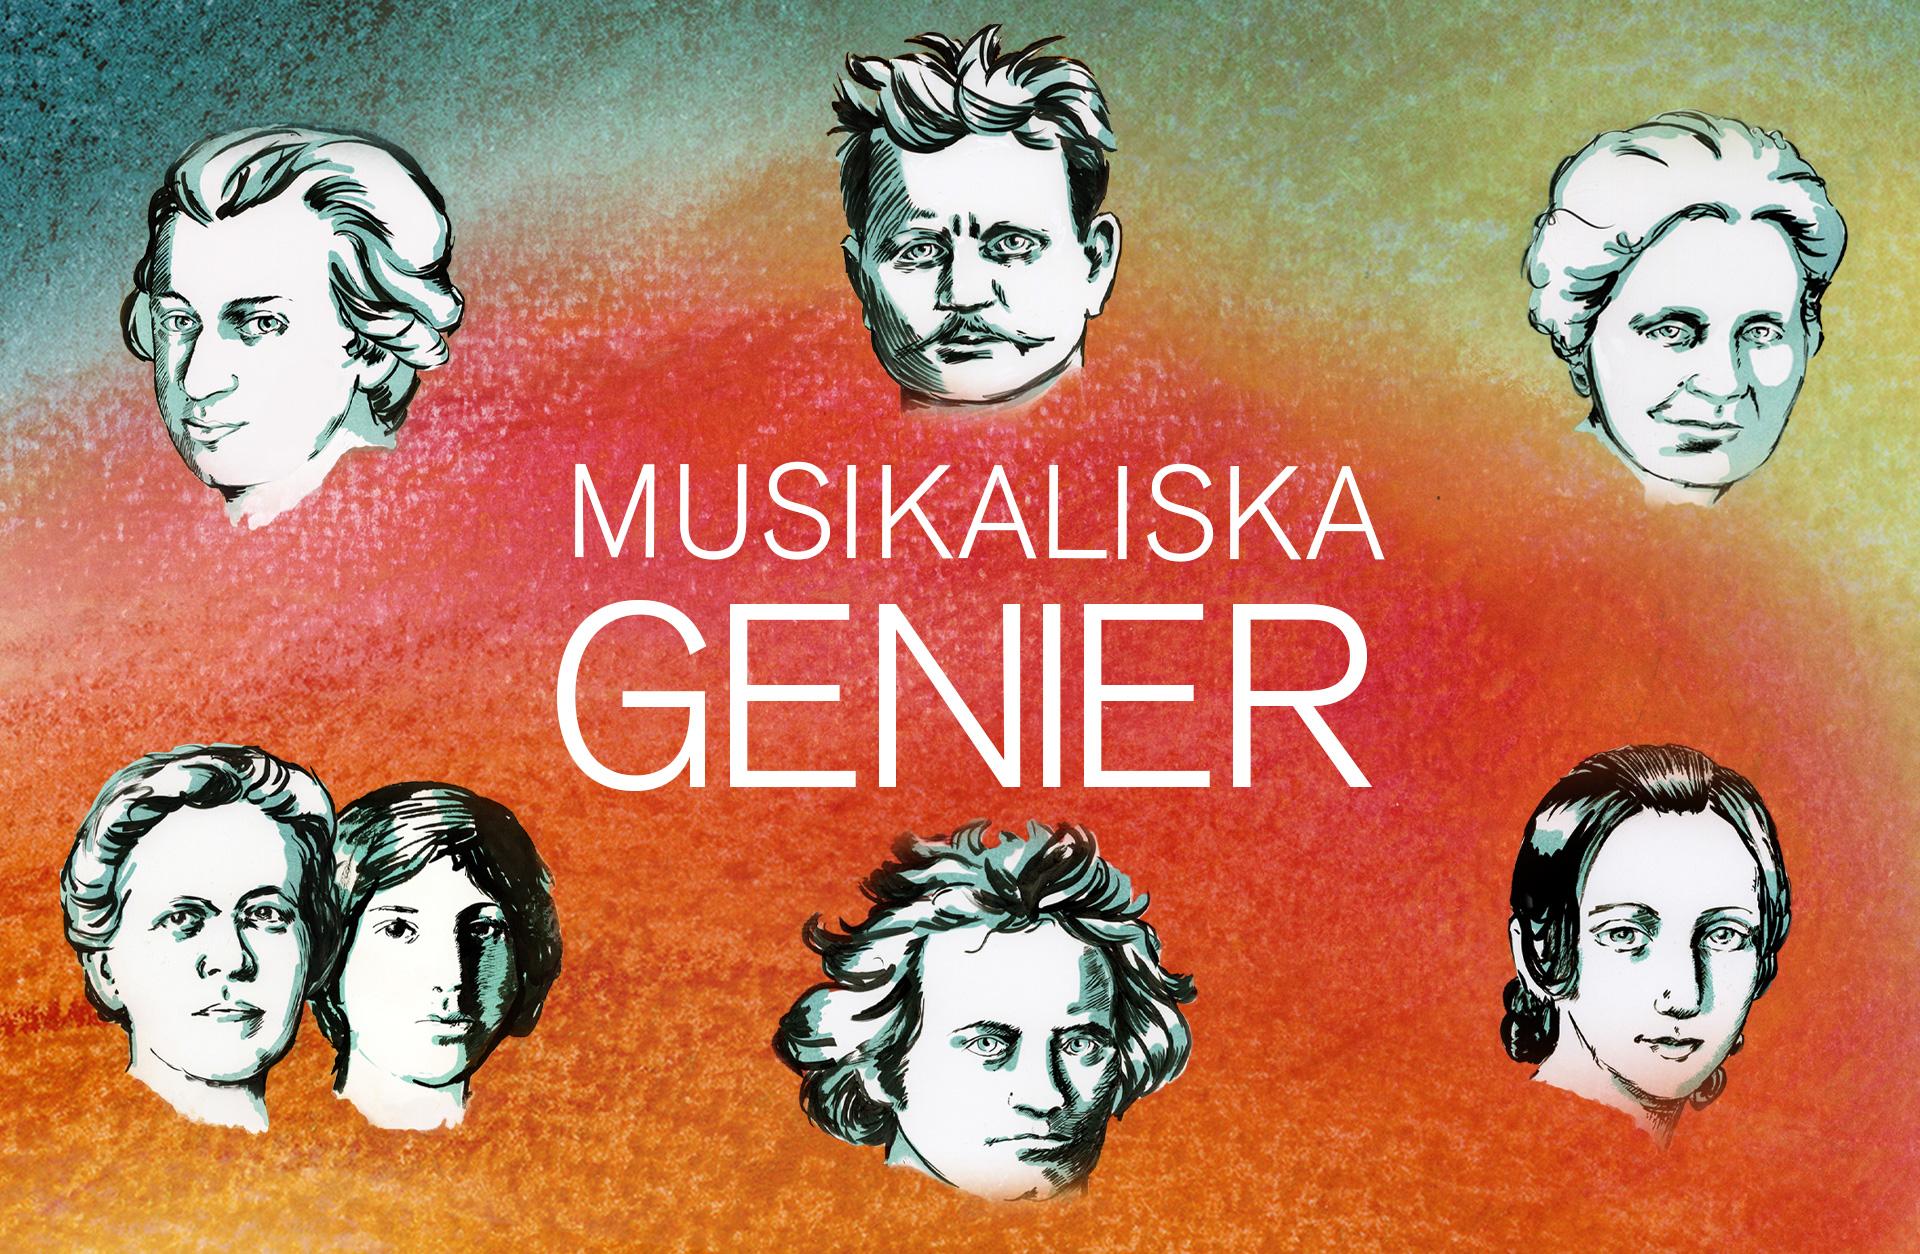 illustration av alla kompositörer som är med i podden Musikaliska genier